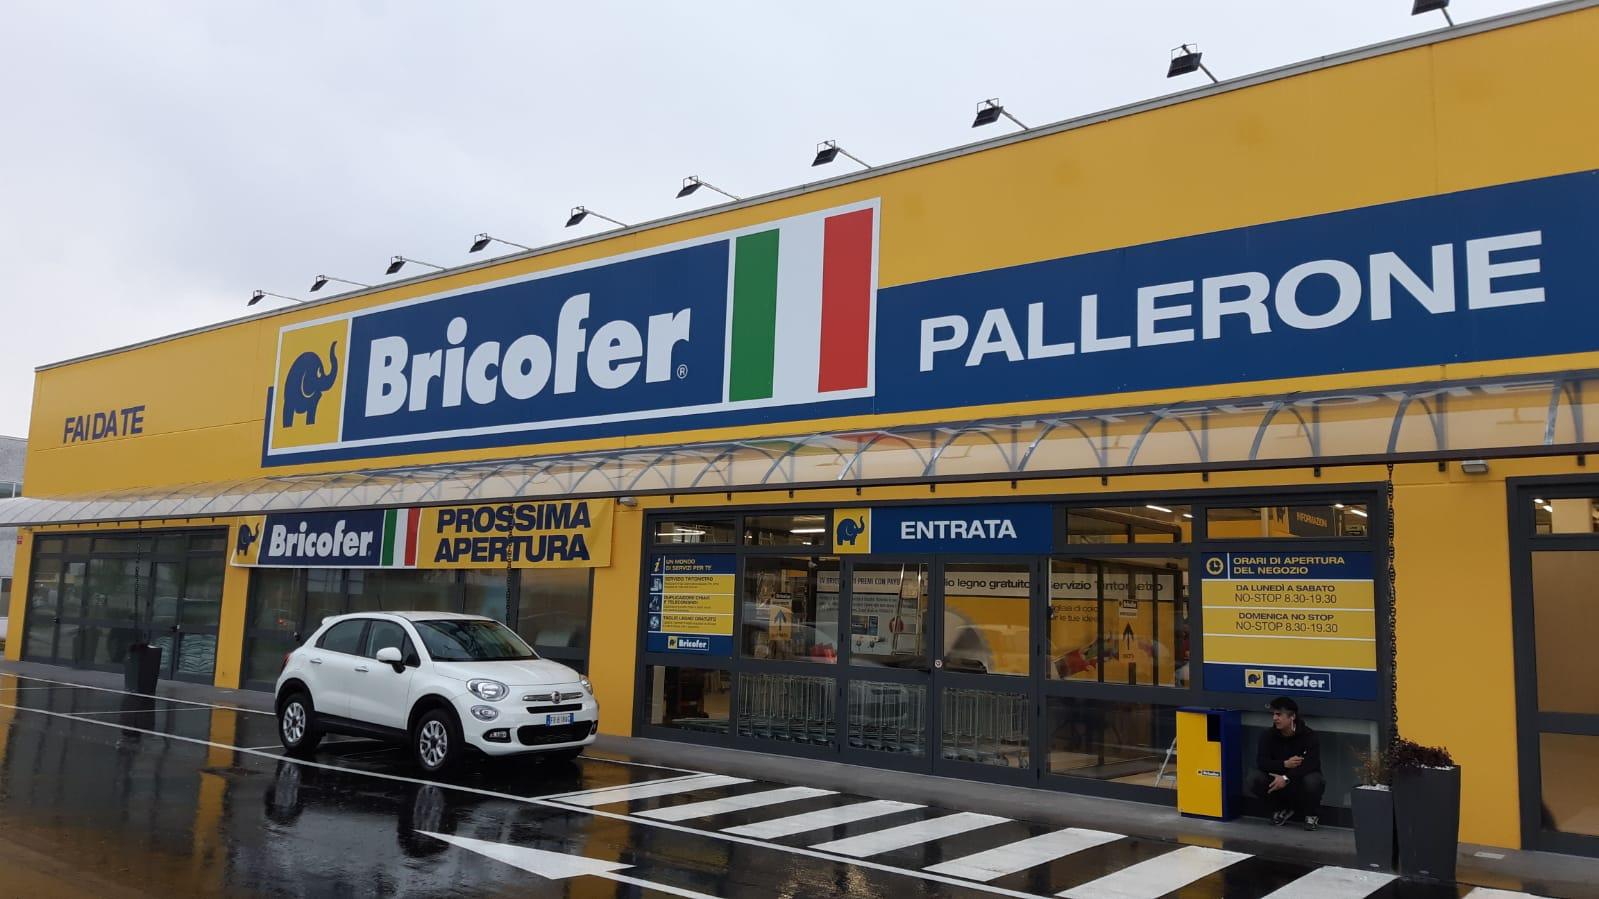 Bricofer apre a pallerone ms il quarto negozio in toscana